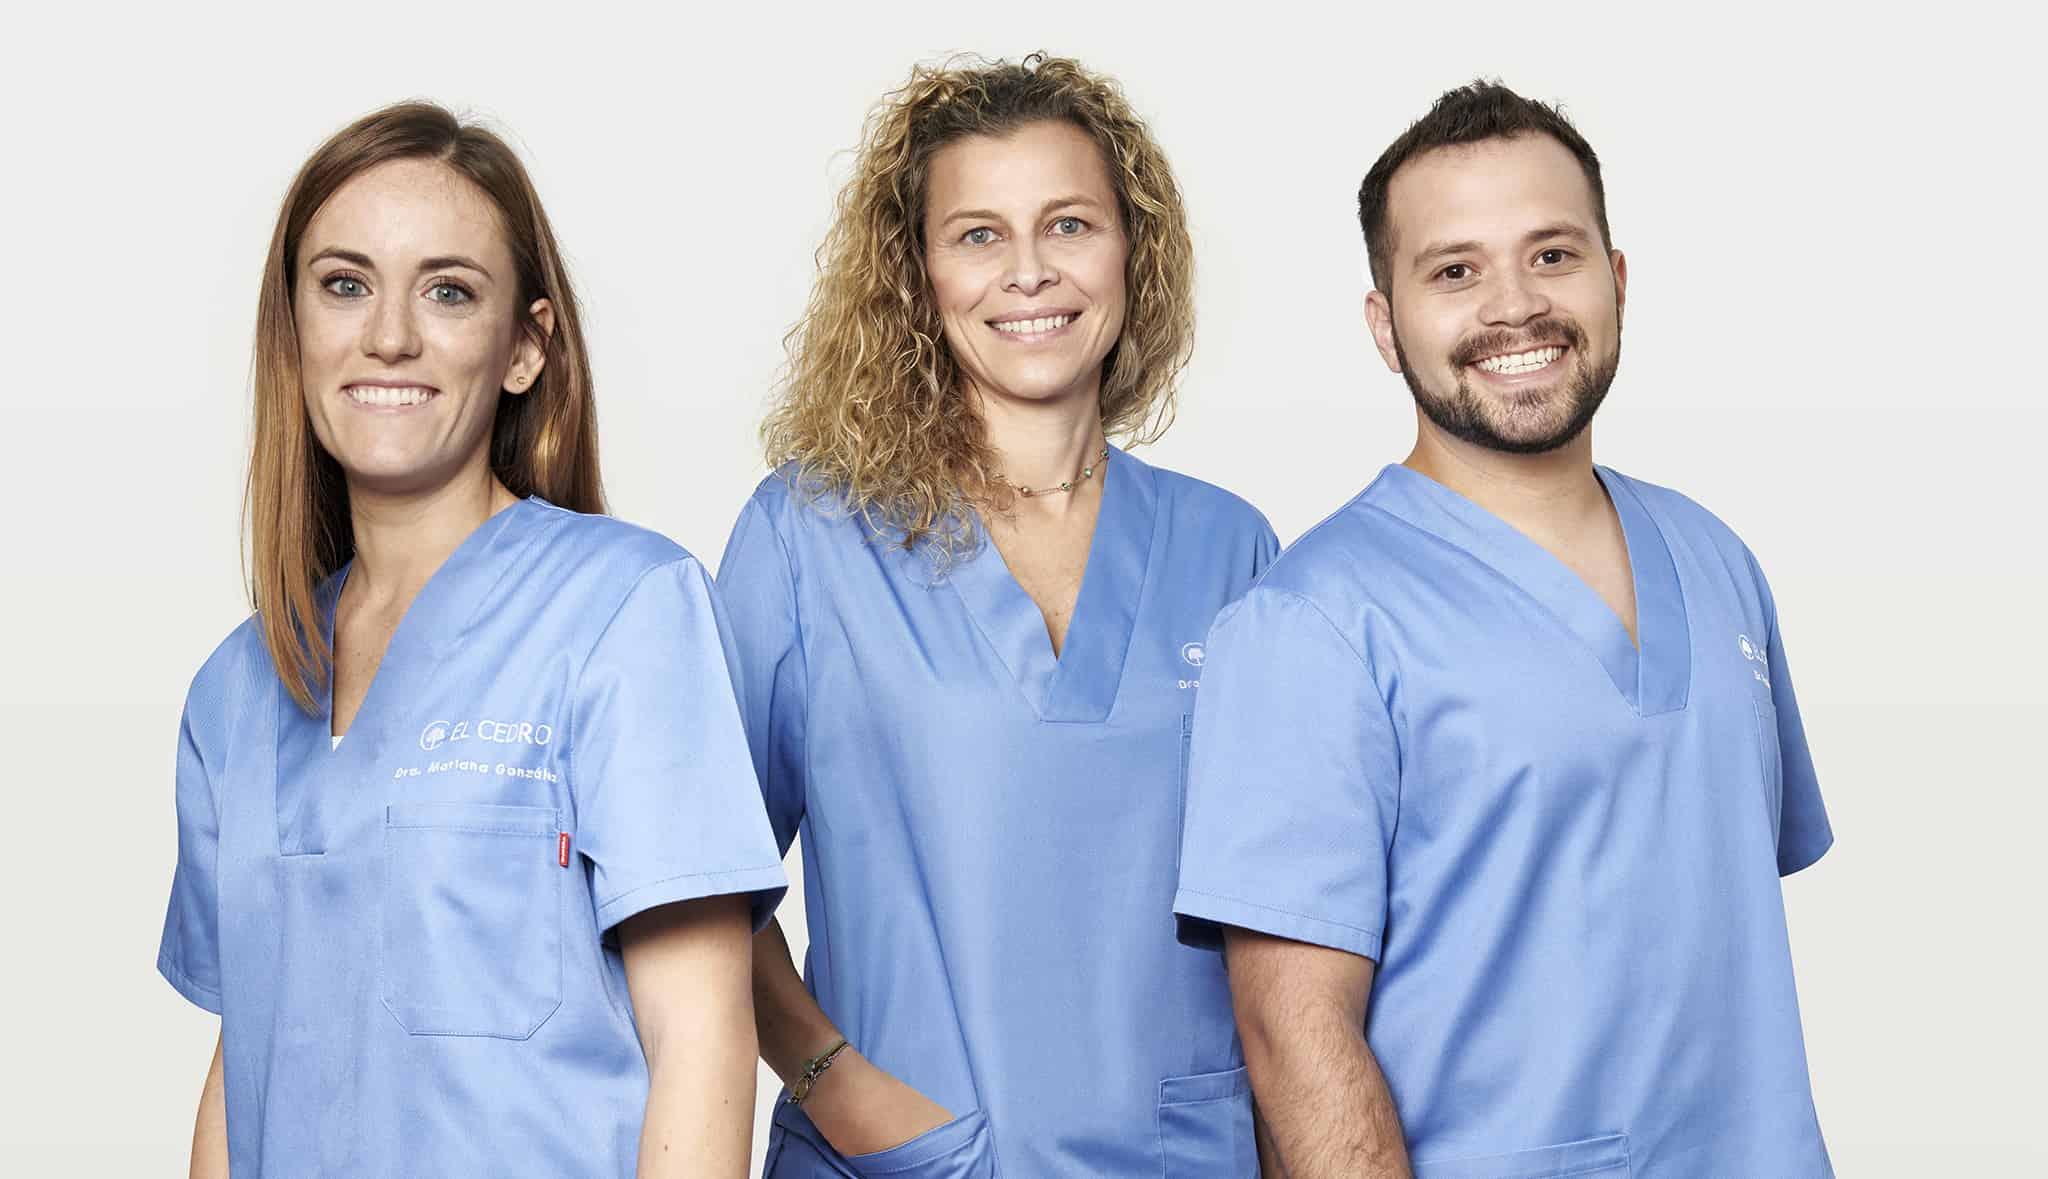 Clinique dentaire : faut-il faire une étude de marché pour la créer ?